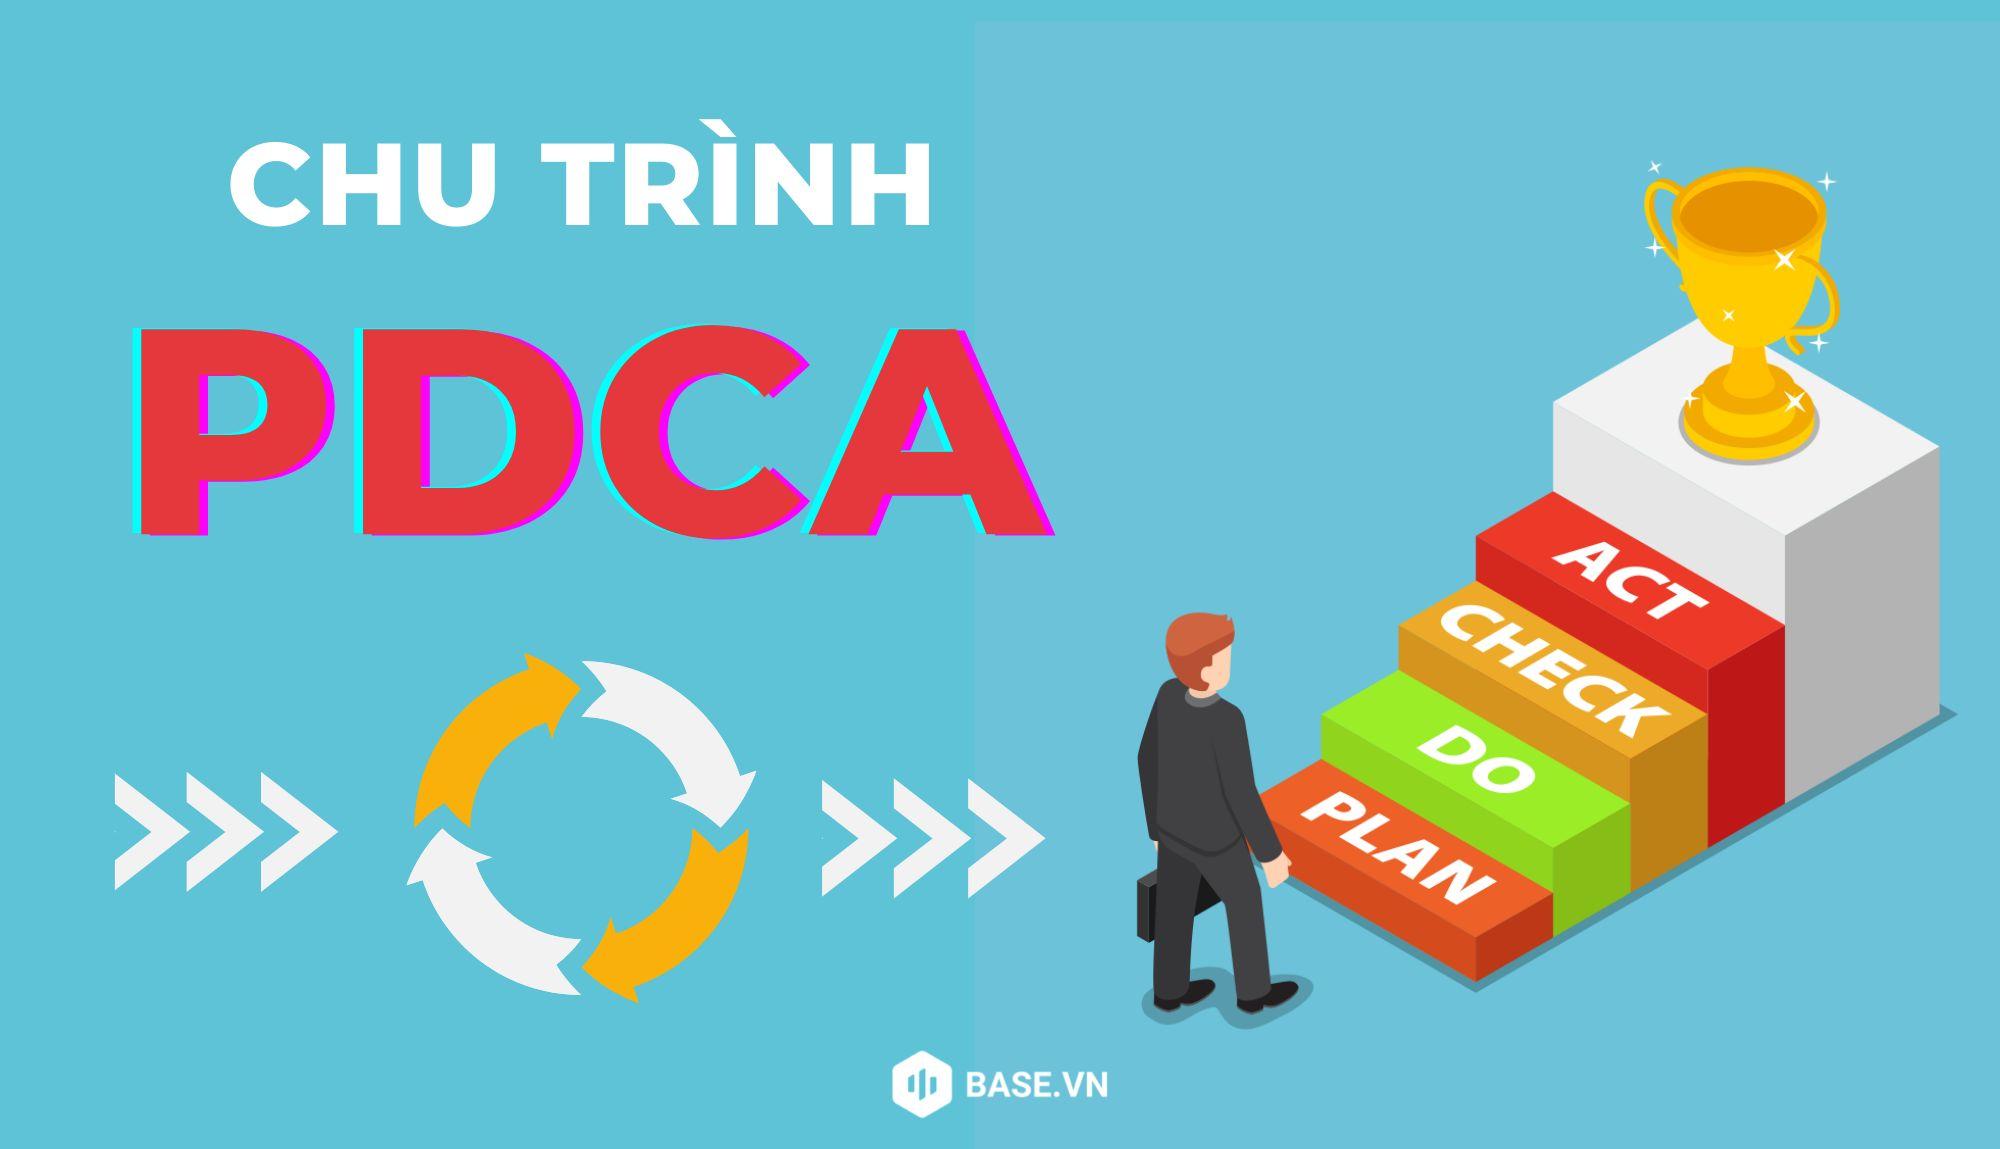 PDCA là gì? Phương pháp cải tiến liên tục và tinh gọn doanh nghiệp bạn có thể áp dụng ngay hôm nay